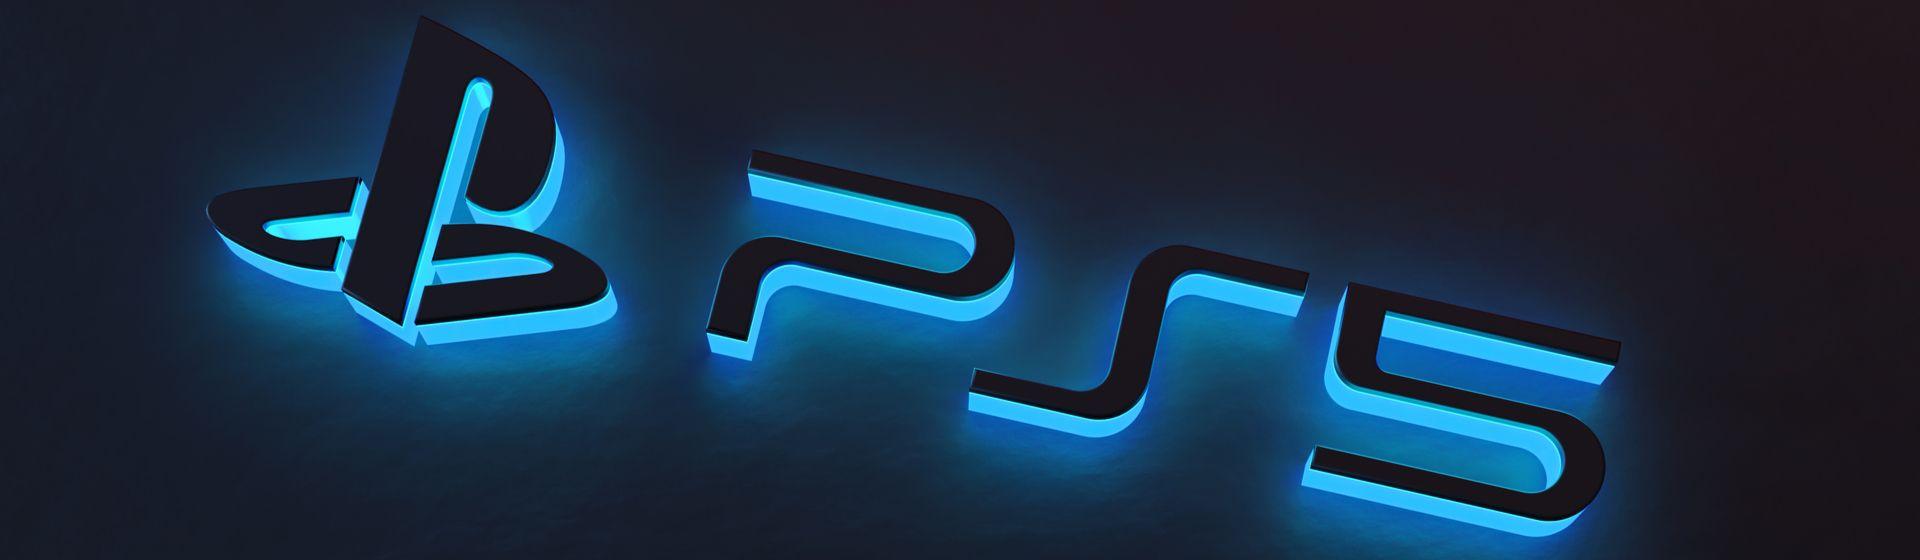 PS5 Pro? Console pode receber versão mais poderosa, segundo rumor